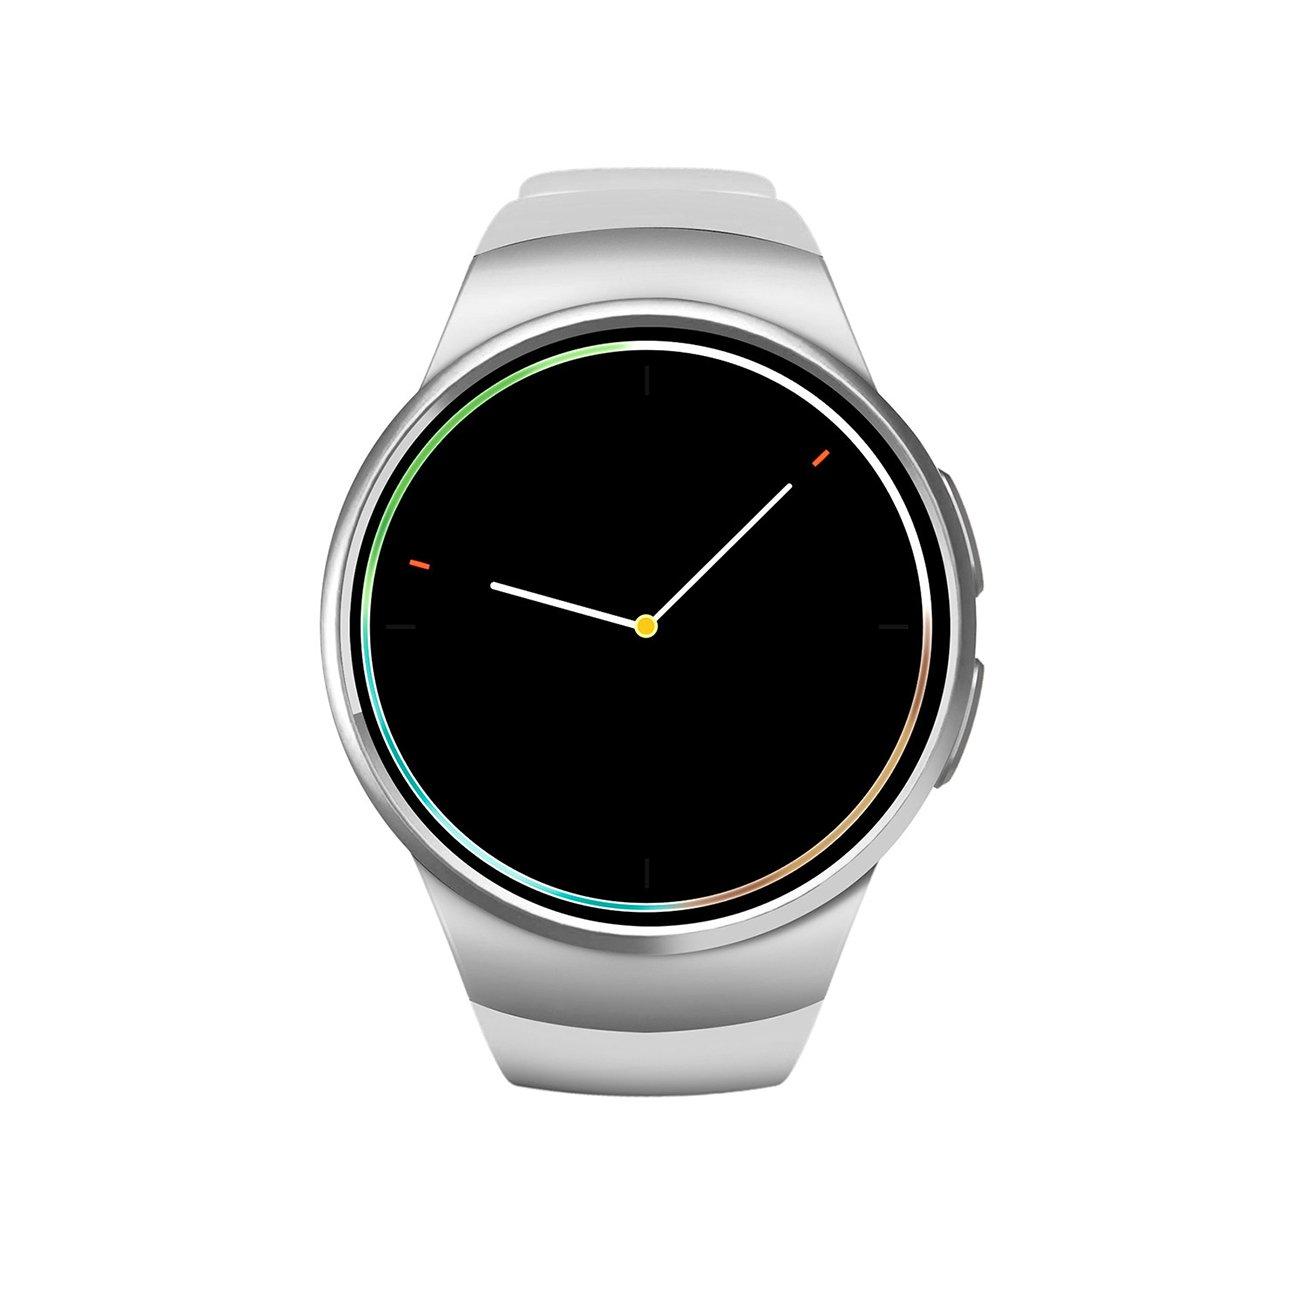 Smartwatch GPS Pulsometro Integrado Niños Android Google Maps Wear ...